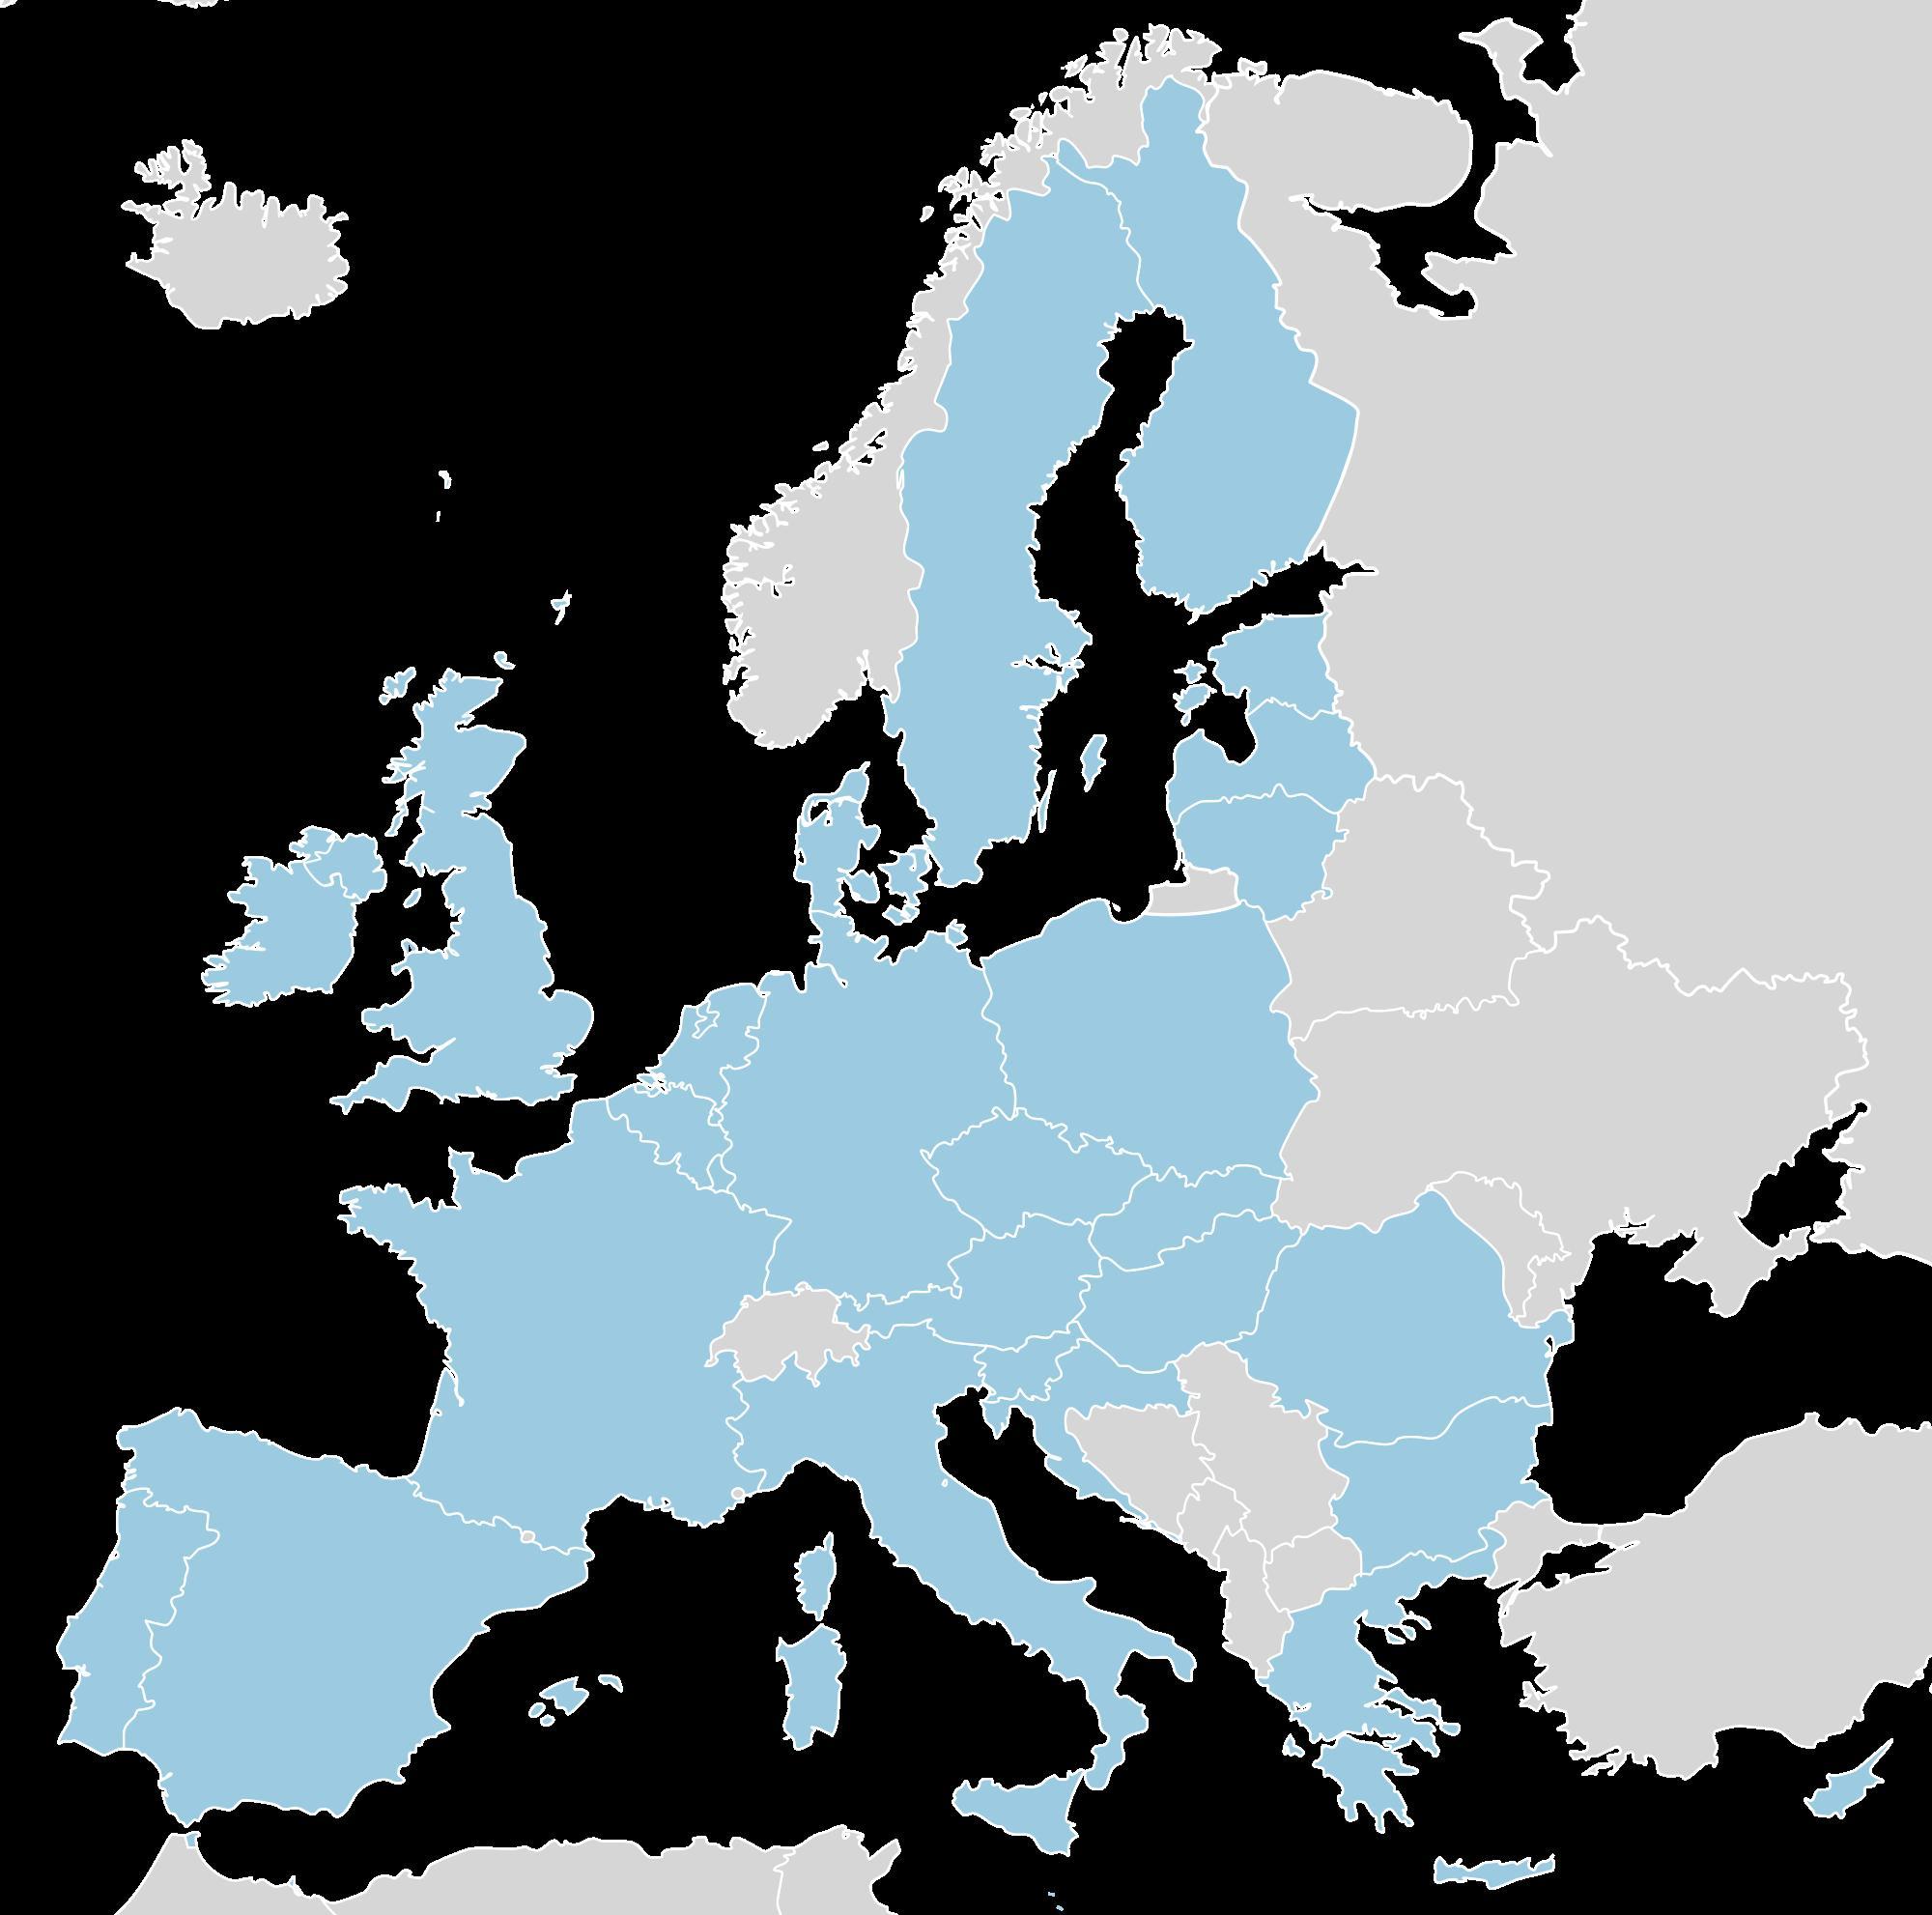 Liste Des Pays De L'union Européenne Et Leur Capitale à Liste Des Pays De L Union Européenne Et Leurs Capitales